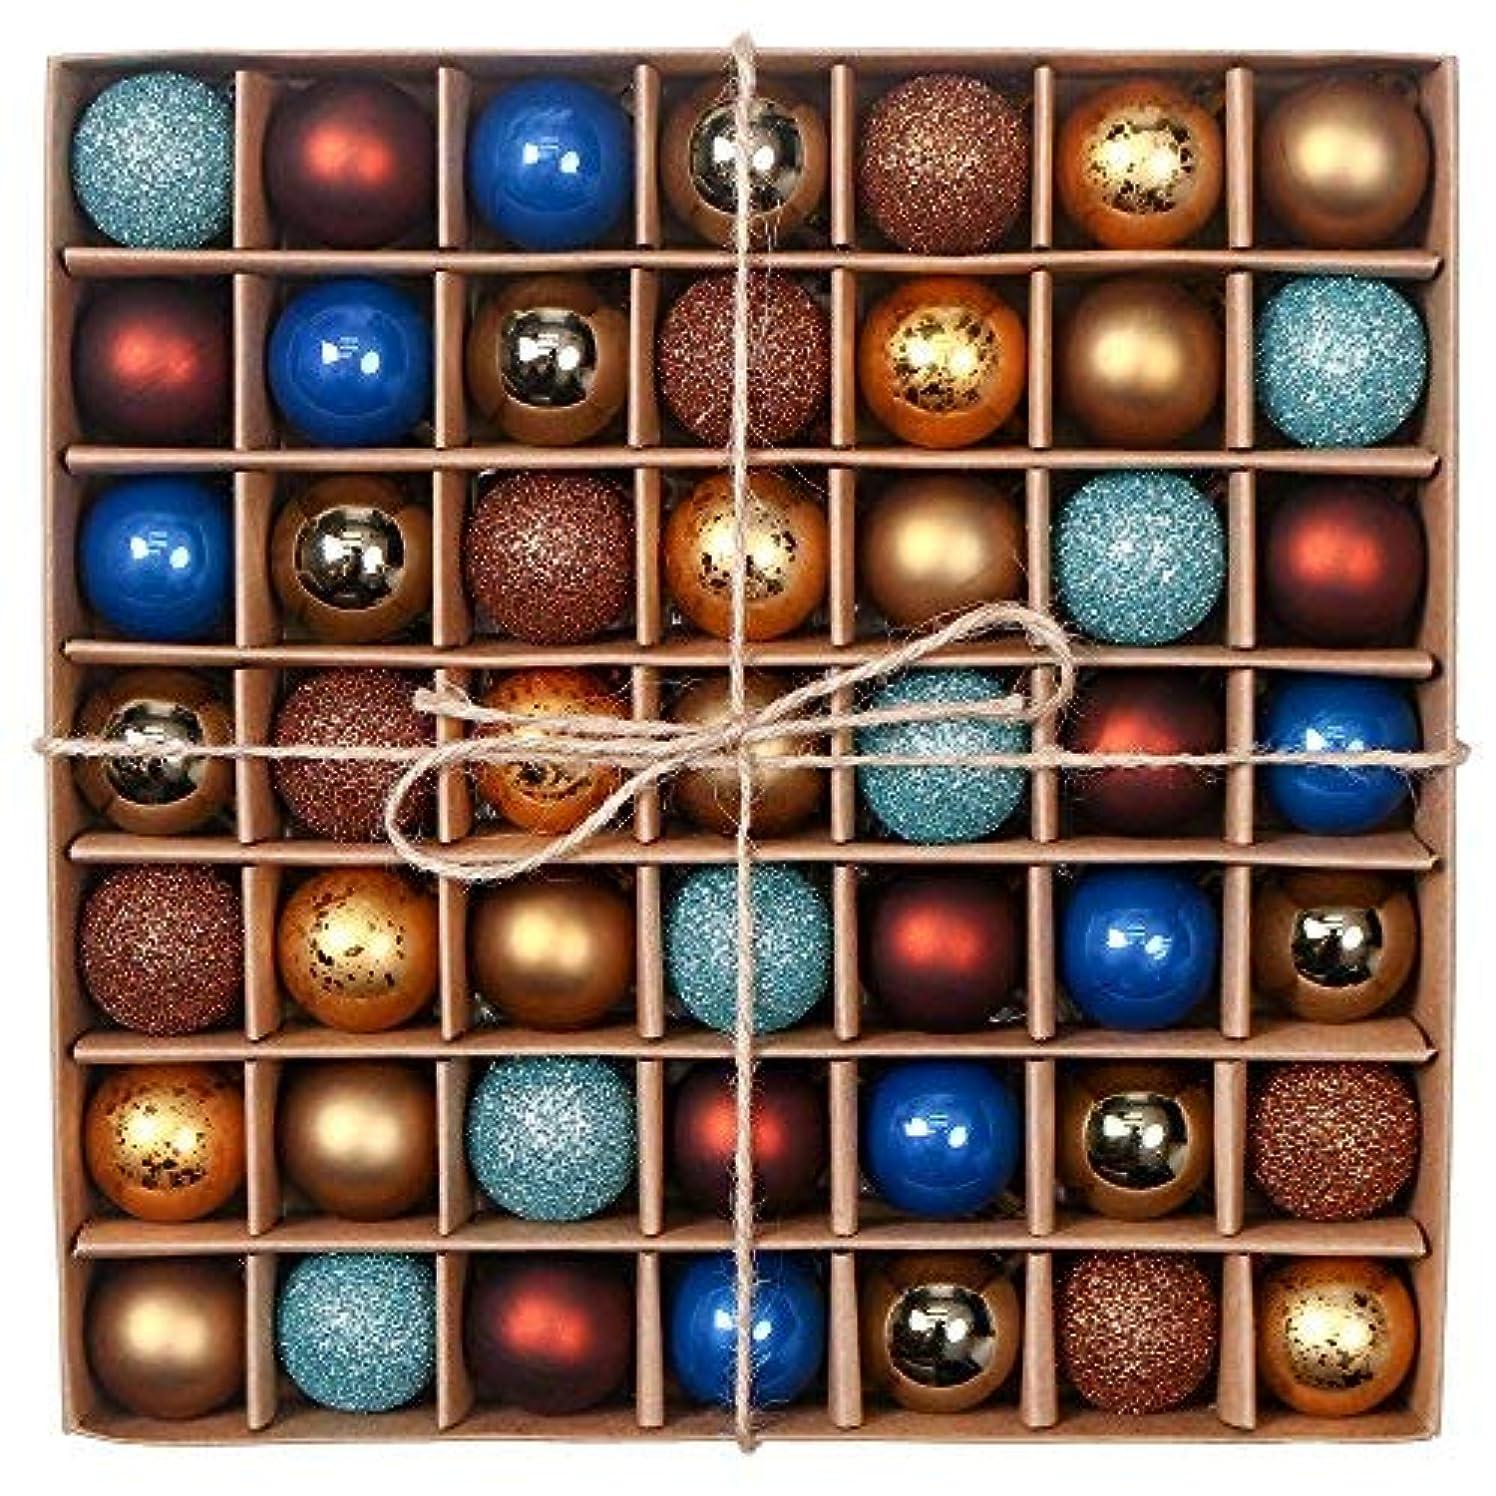 オーストラリア人構造枯渇するValery Madelyn 北欧風 3CM クリスマス オーナメント 49個 セット 銅金青色 ボールクリスマス ツリー 飾り 飾り付け おしゃれ ゴージャス 人気